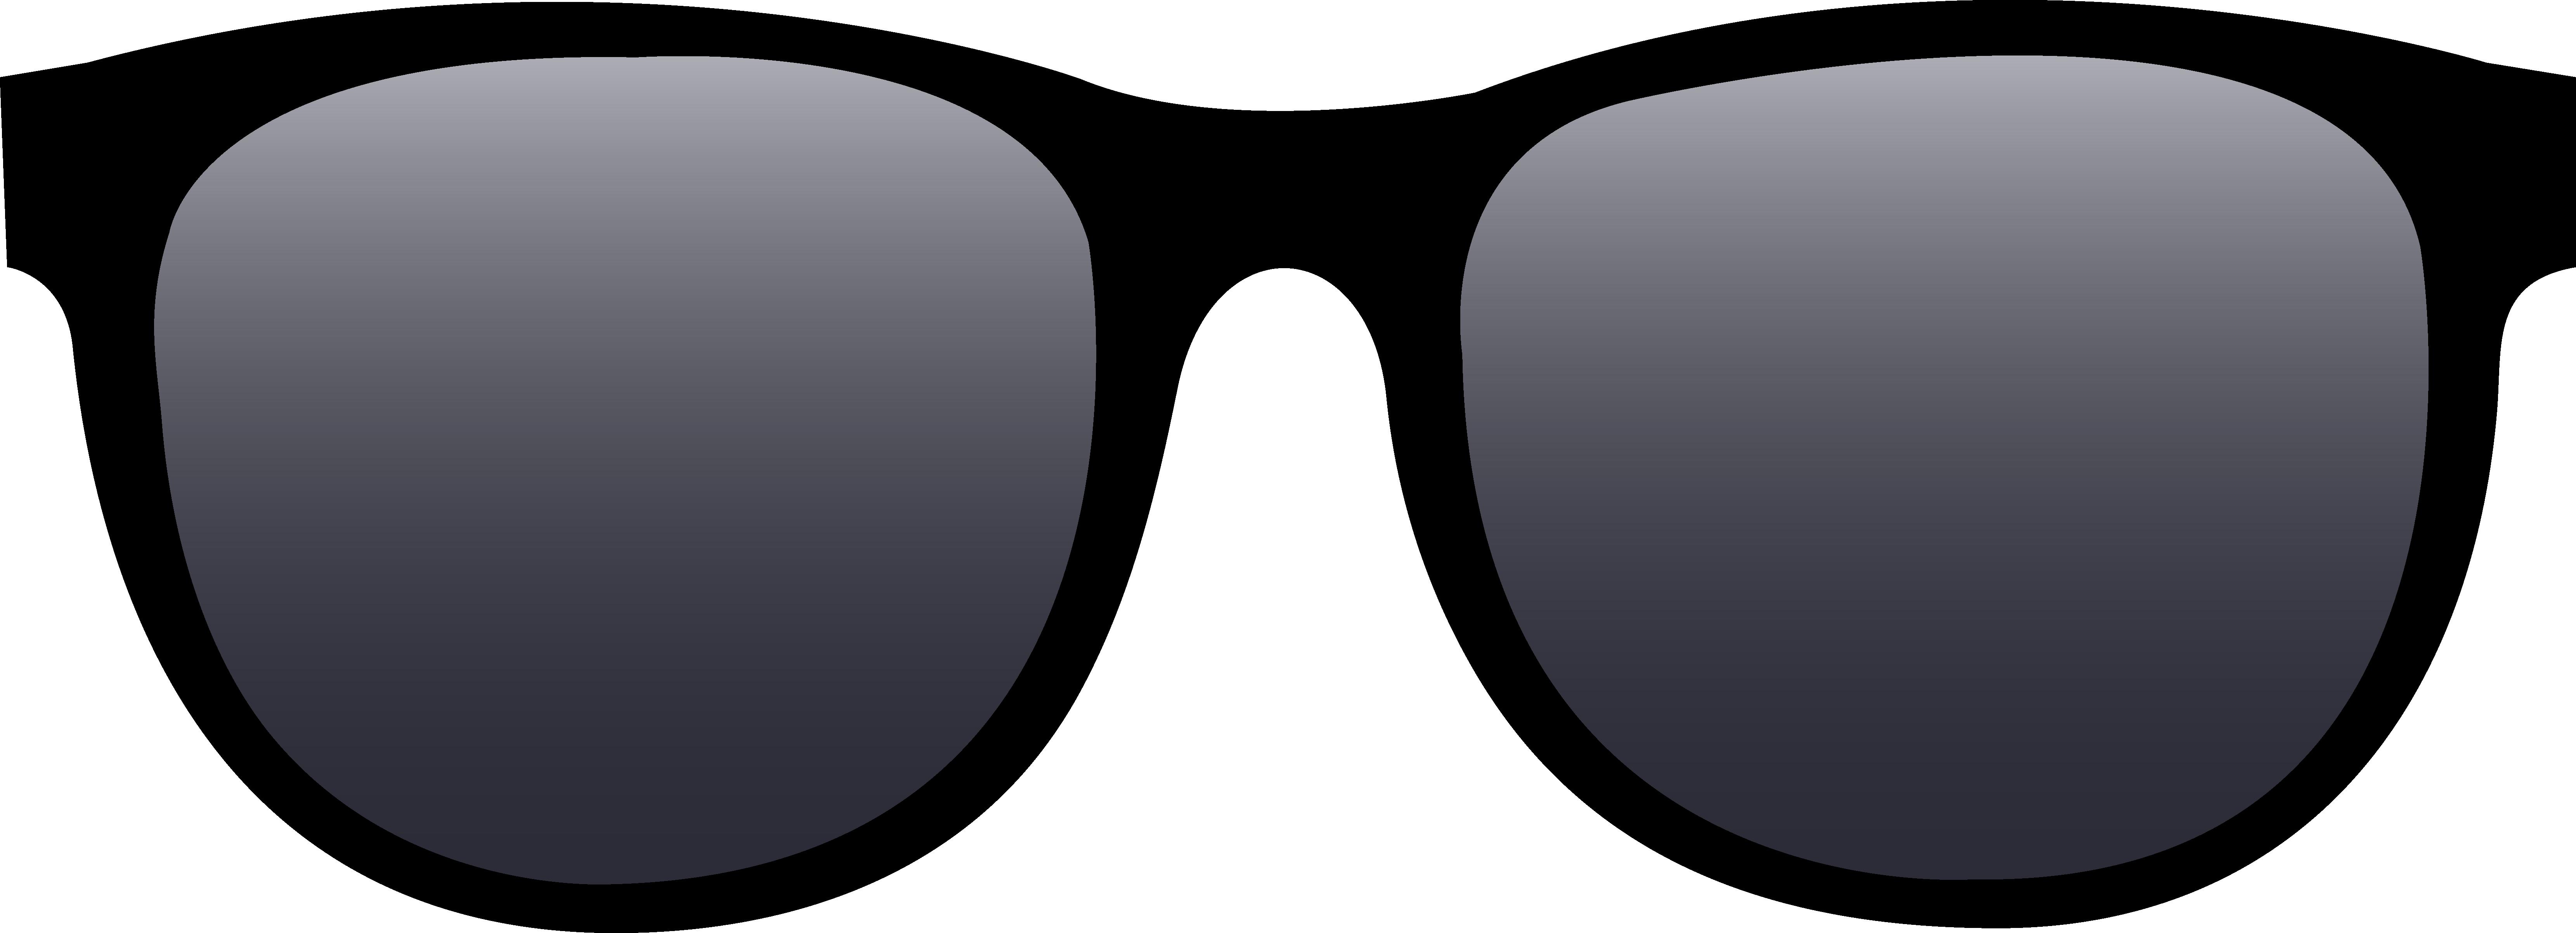 Sunglasses clipart free clip art 2 clipartwiz